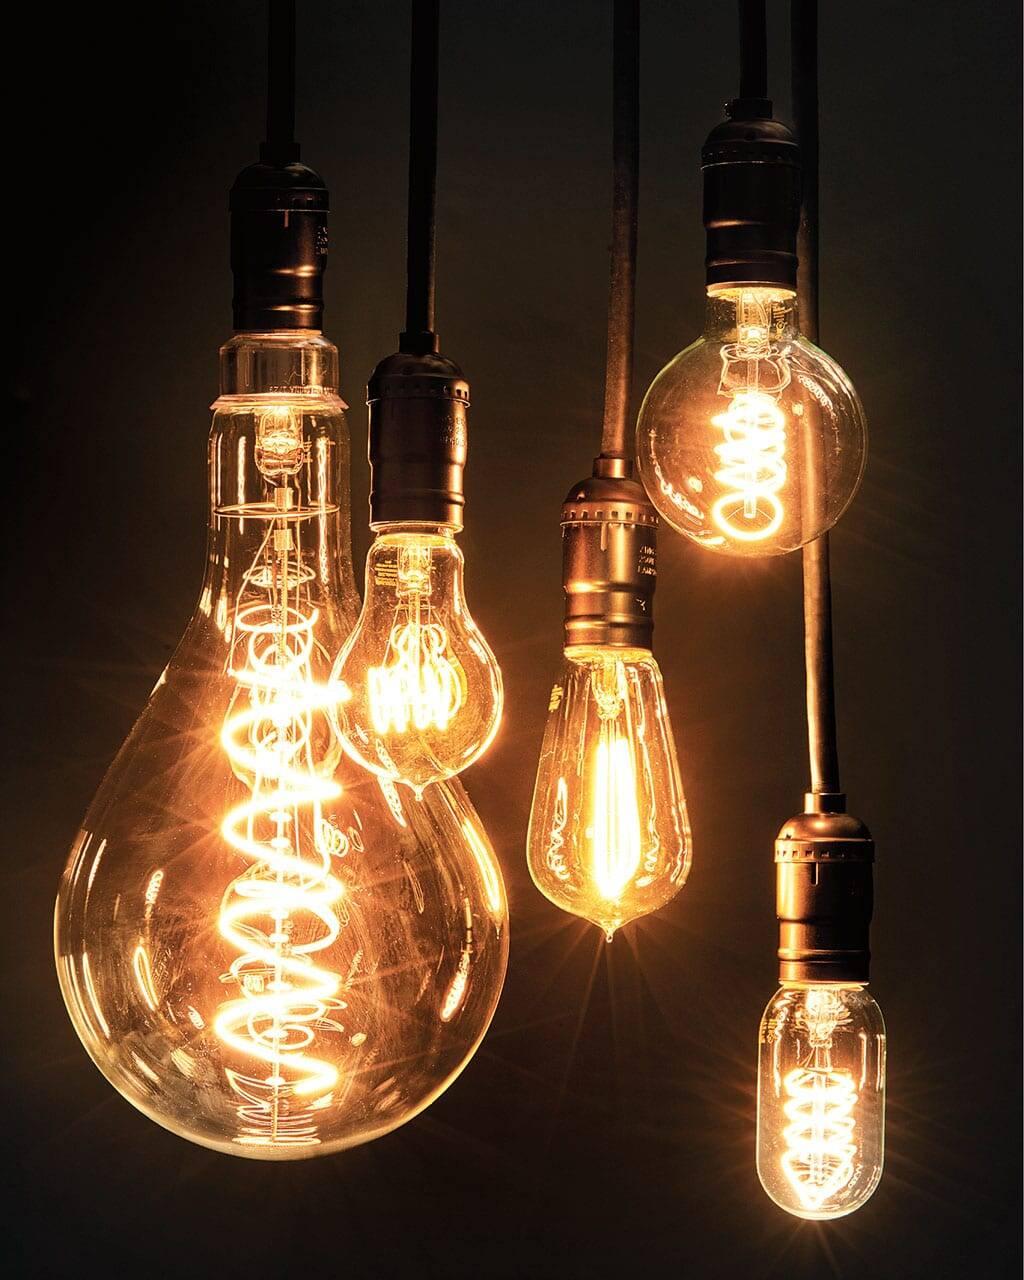 """推进照明行业质量升级 两项""""领跑者""""LED照明产品评价标准发布实施"""